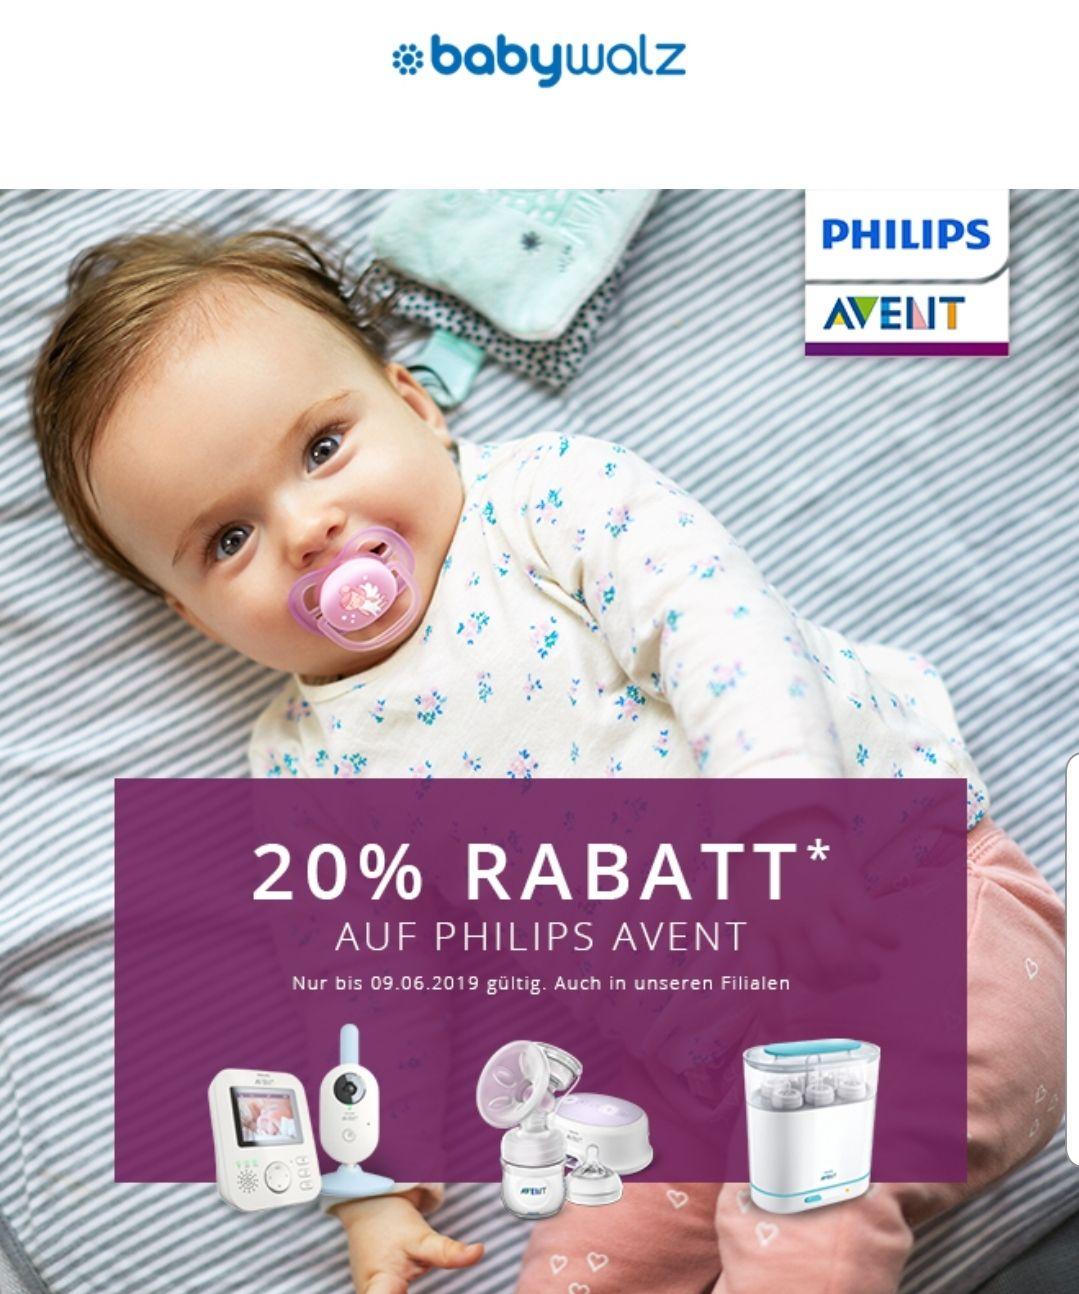 20 Auf Phillips Avent Produkte Babywalz Online Und Offline